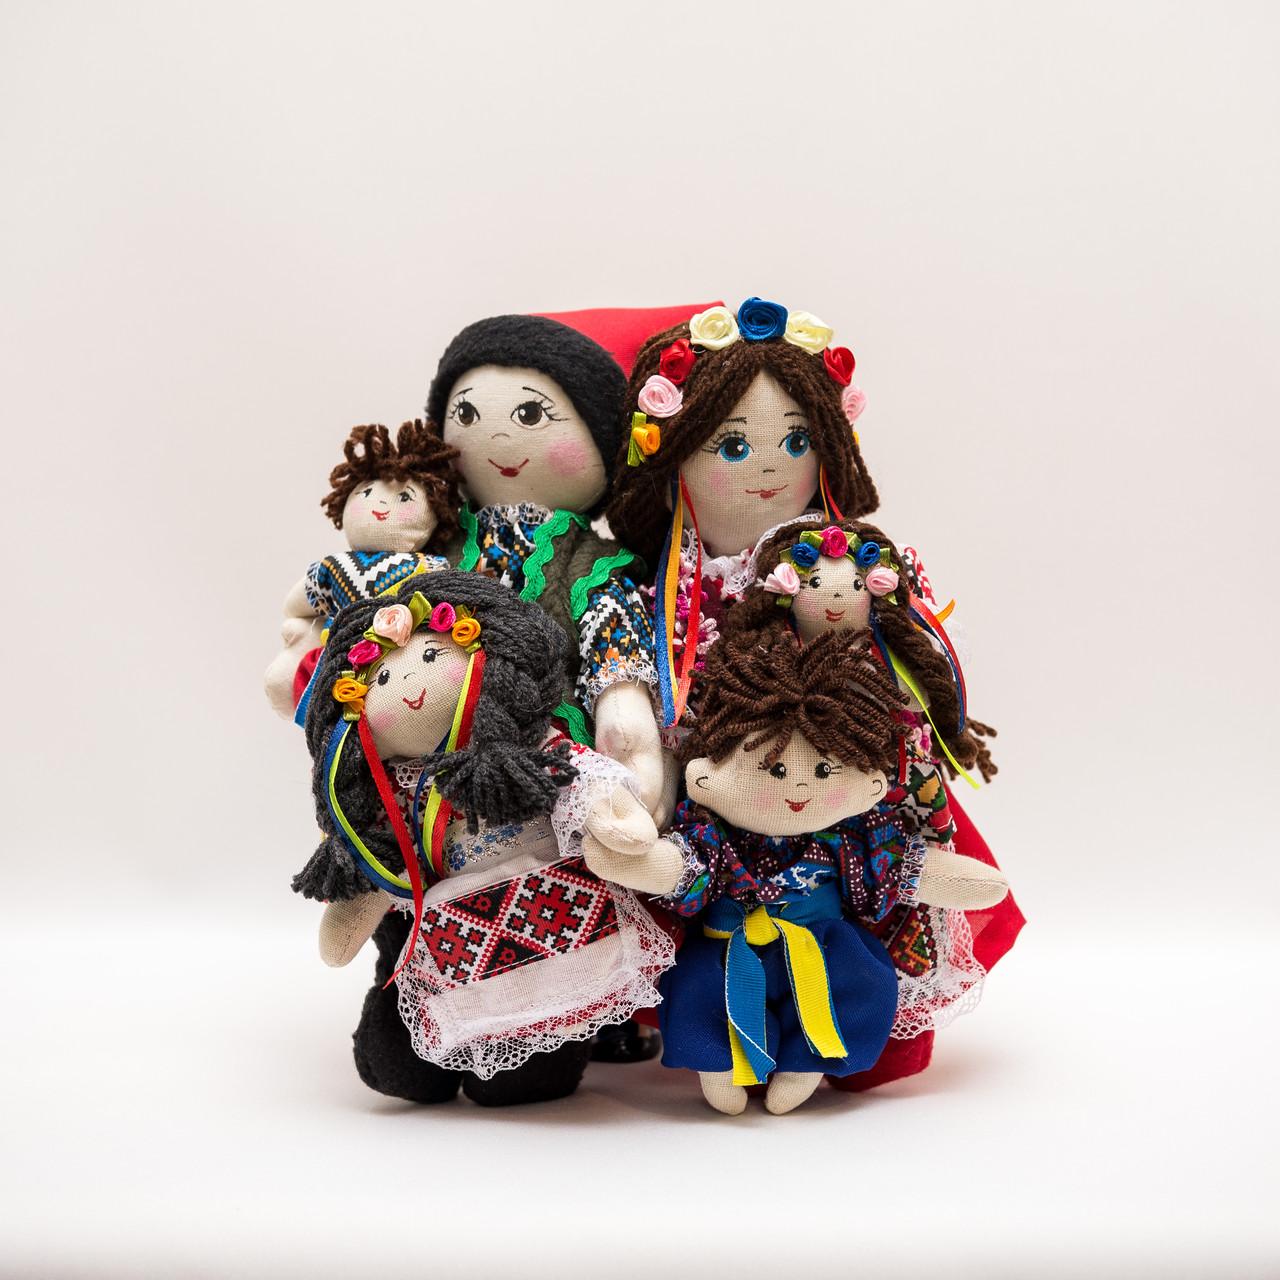 Украинская семья Vikamade набор кукол в национальном костюме.